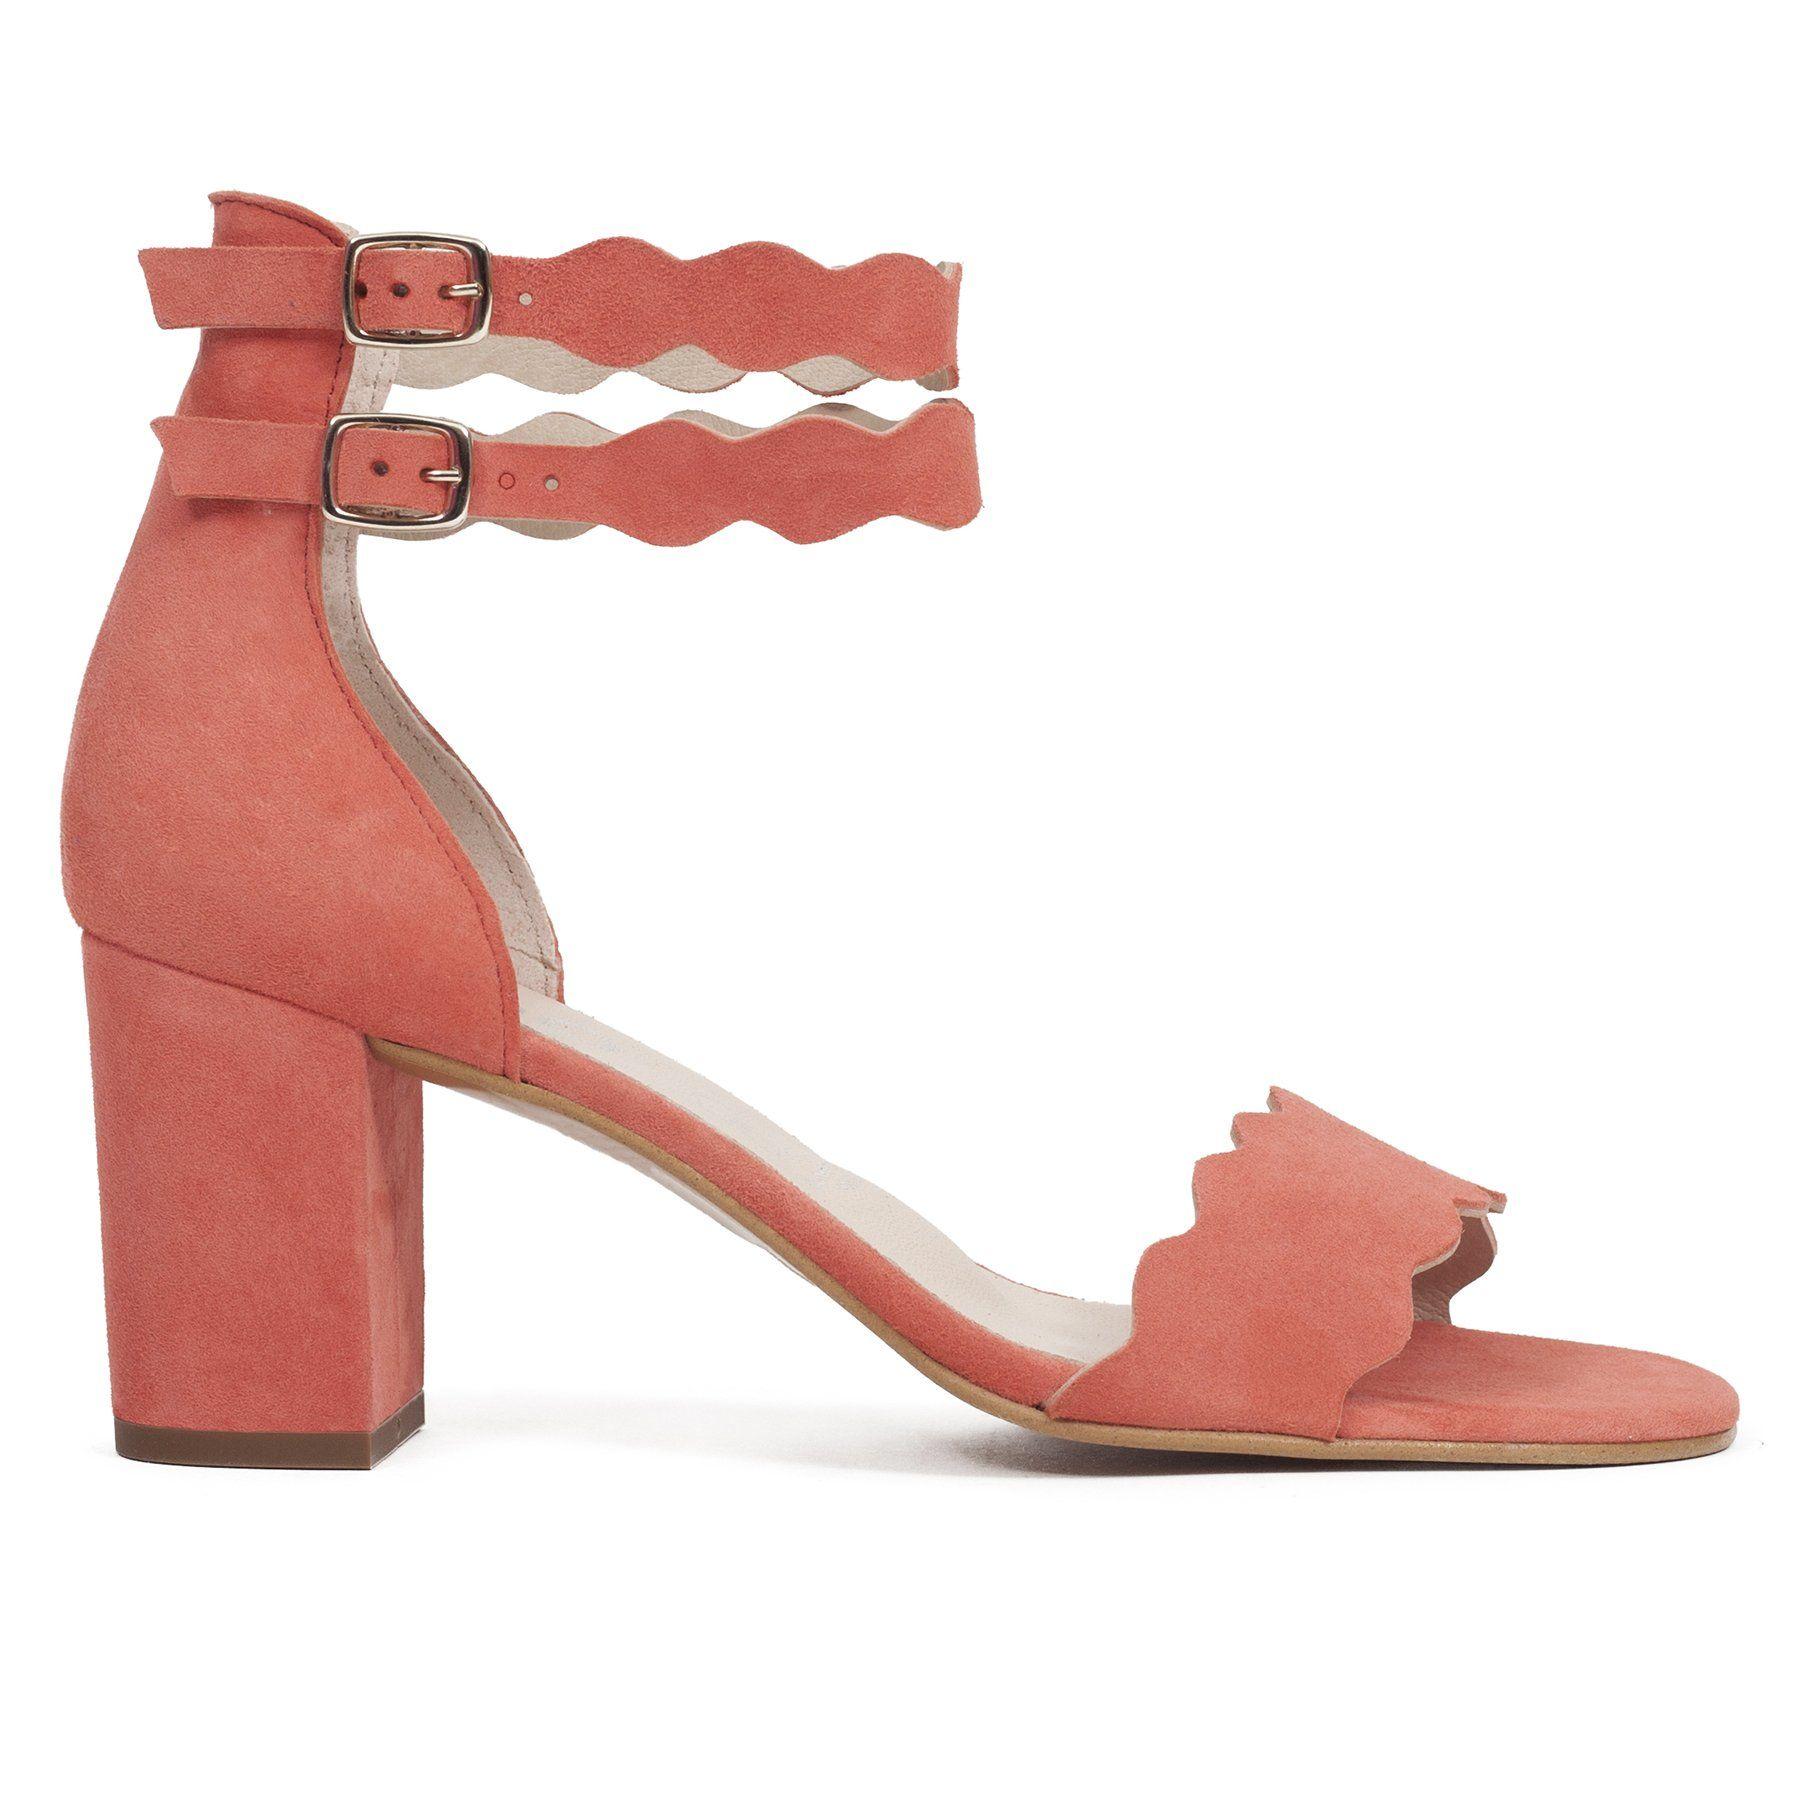 a61cac2a655 Sandalia de tacón para mujer CORAL con hebilla - miMaO Online – miMaO  ShopOnline